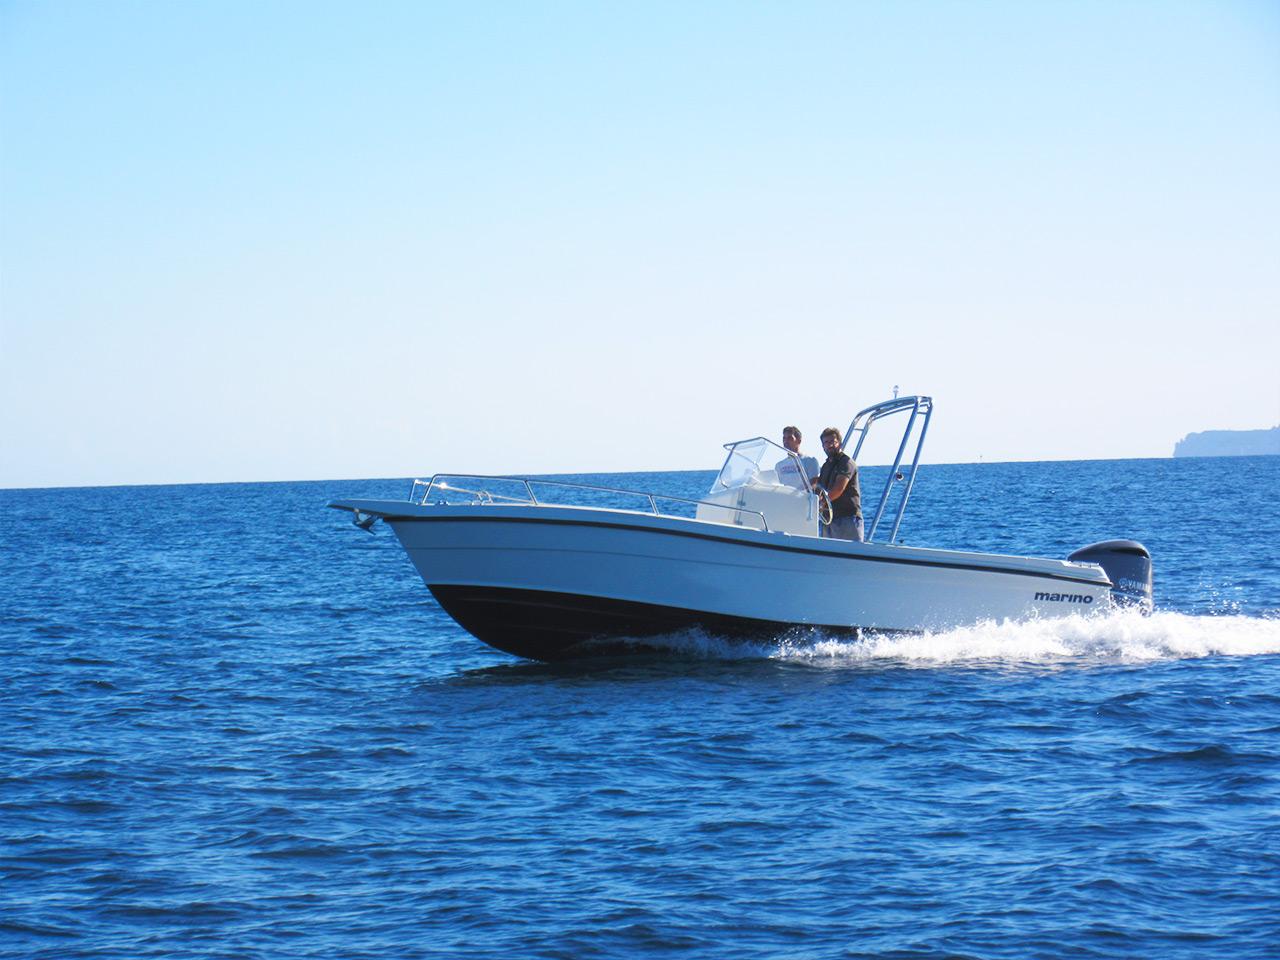 marino 660